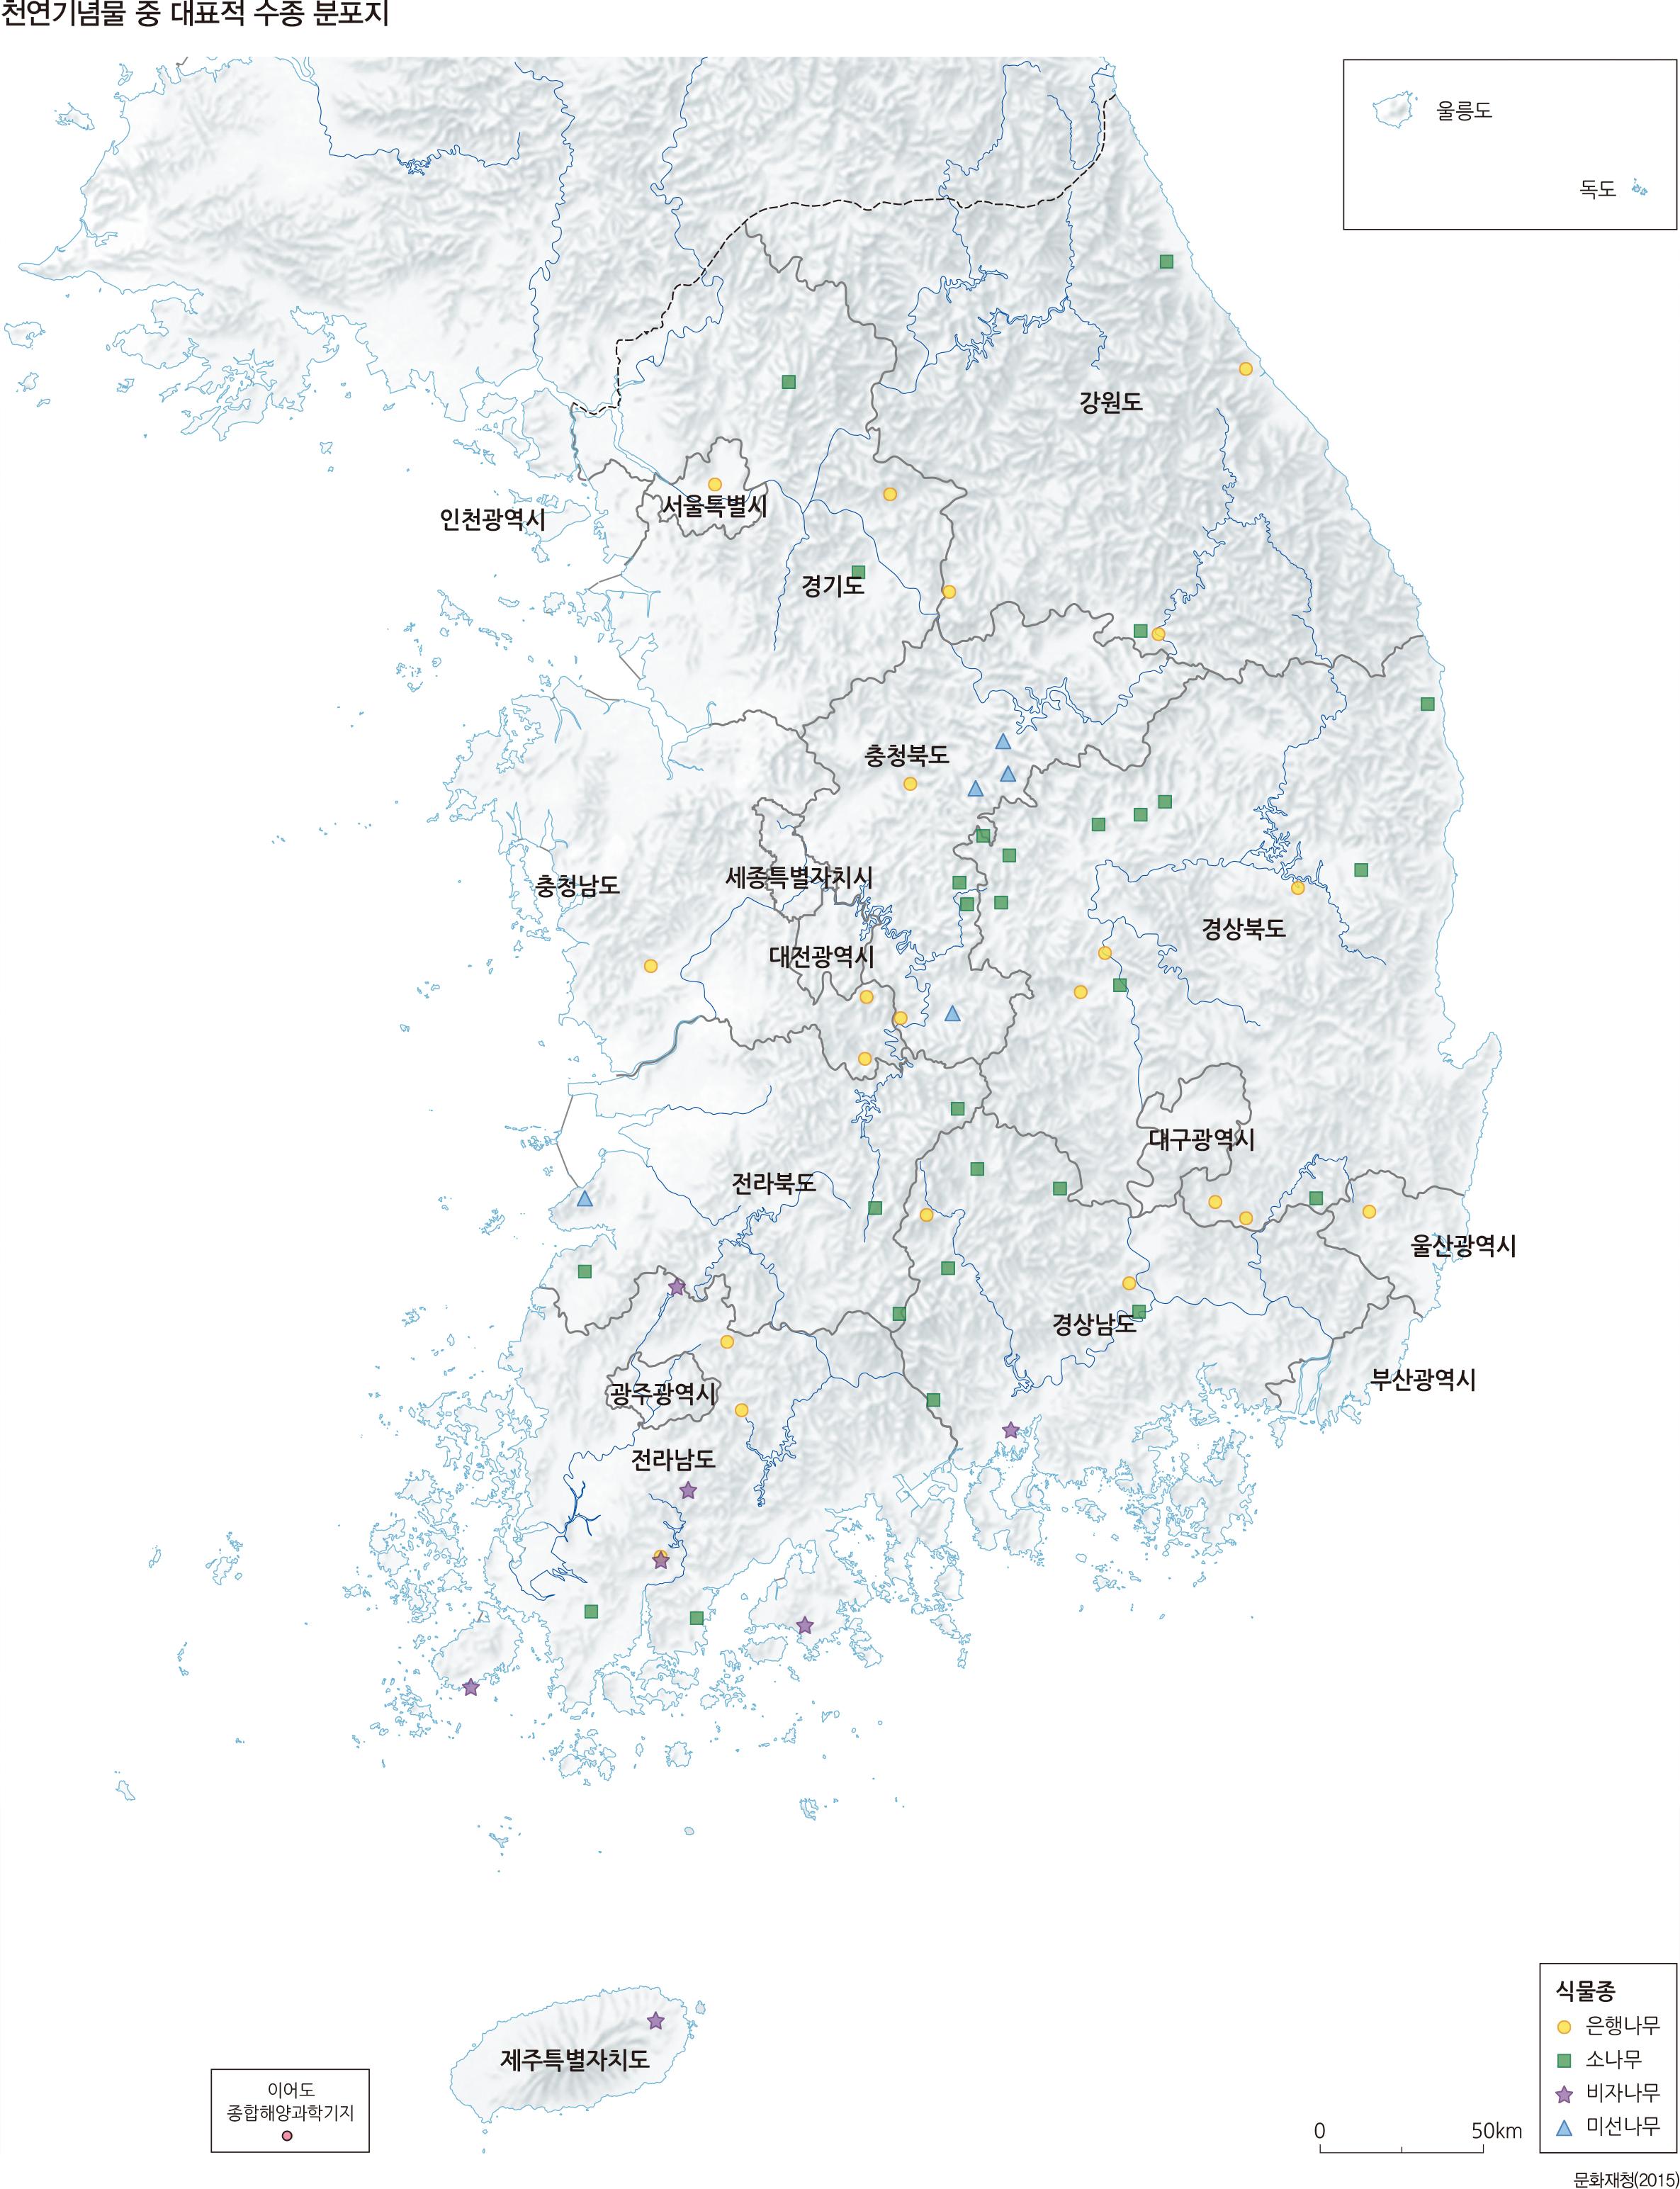 천연기념물 중 대표적 수종 분포지